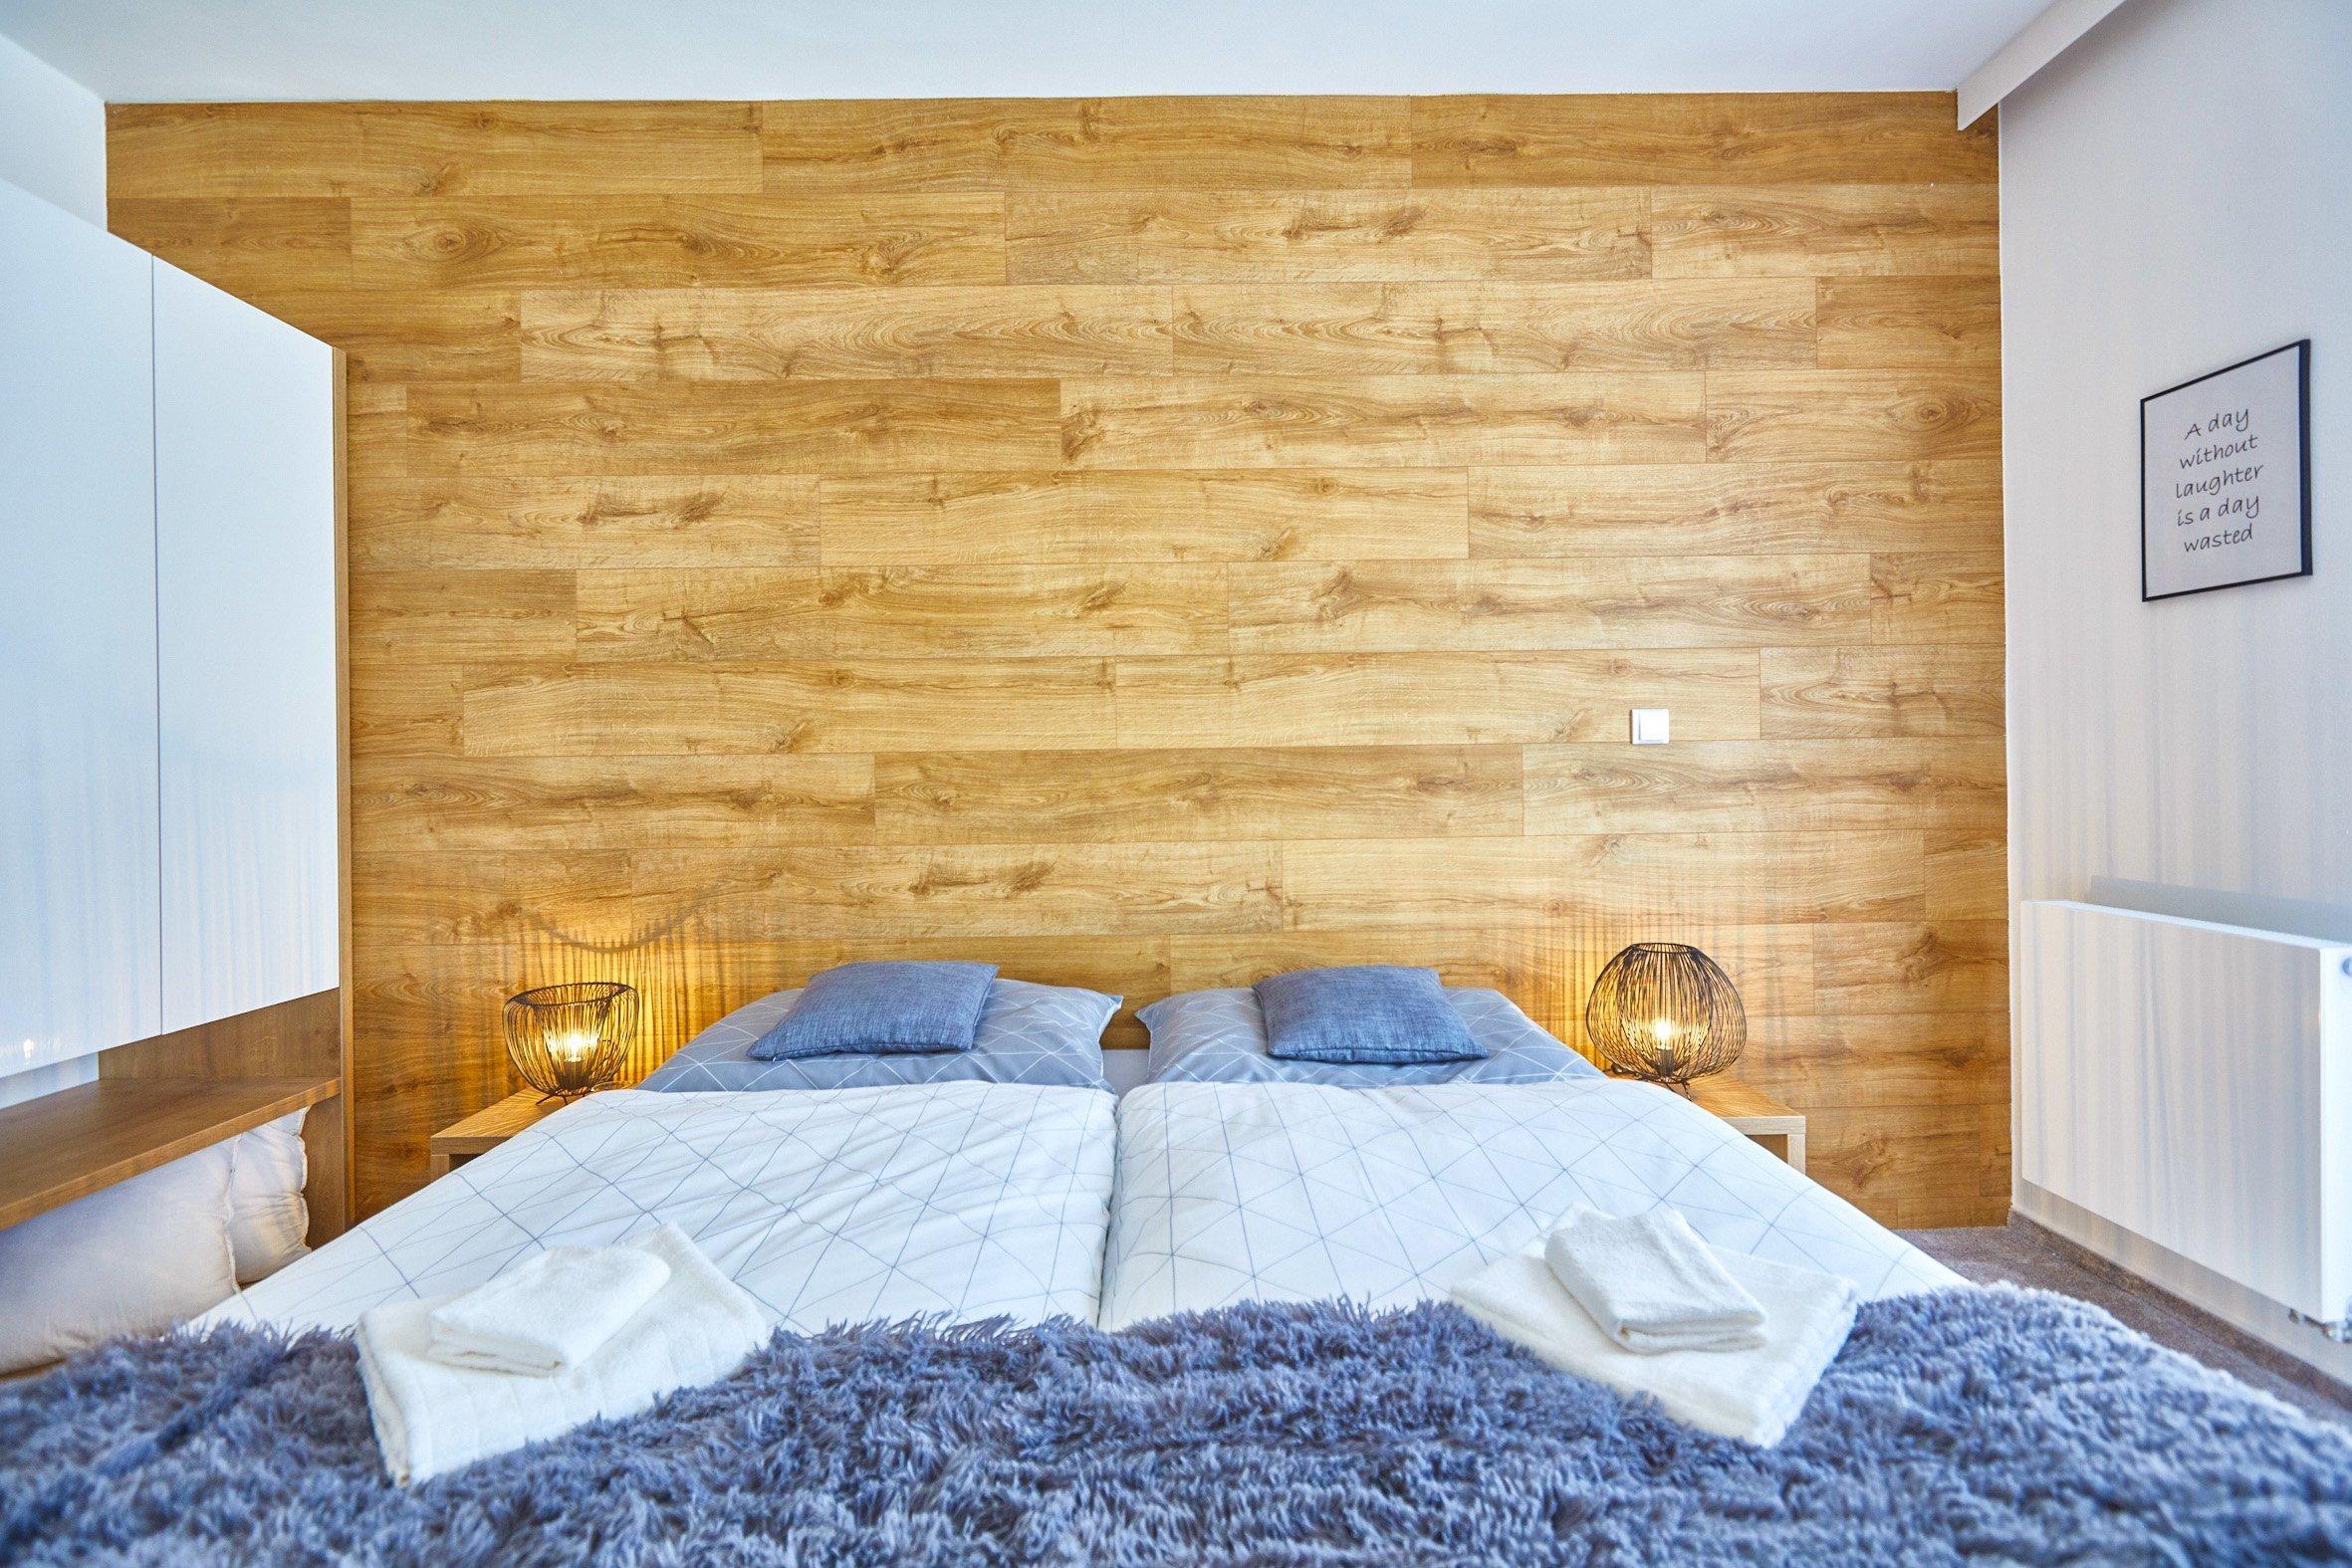 Malý horský apartmán investor zakoupil nejen pro odpočinek vlastní rodiny, ale i s výhledem na možnost krátkodobého pronájmu. Umístění domu 50m od…